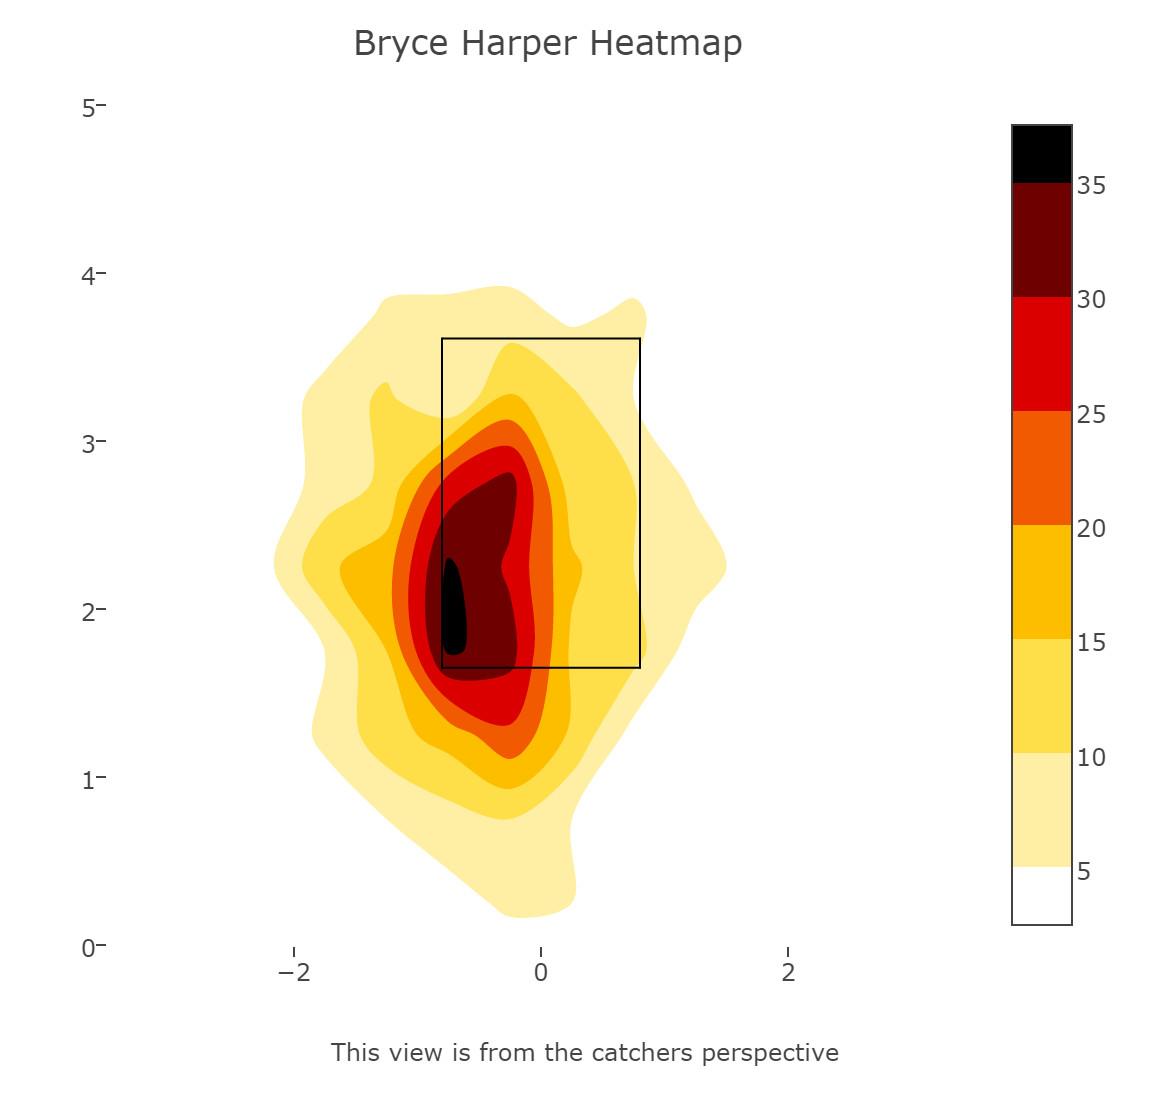 bryce-harper-washington-nationals-first-pitch-heatmap